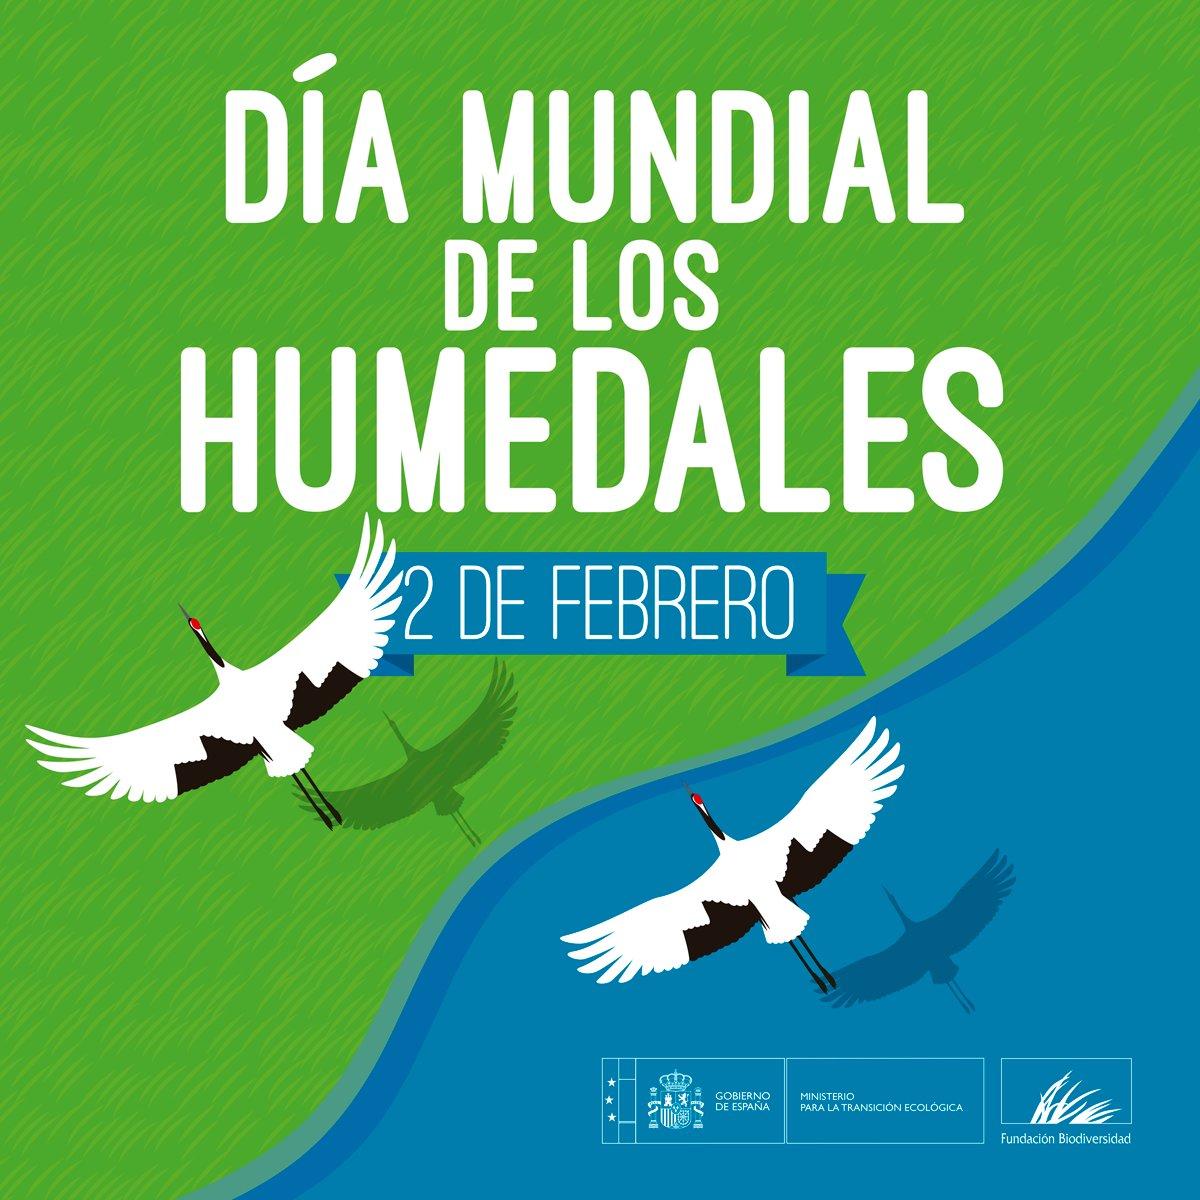 Día Mundial de los Humedales. Cartel del Miteco